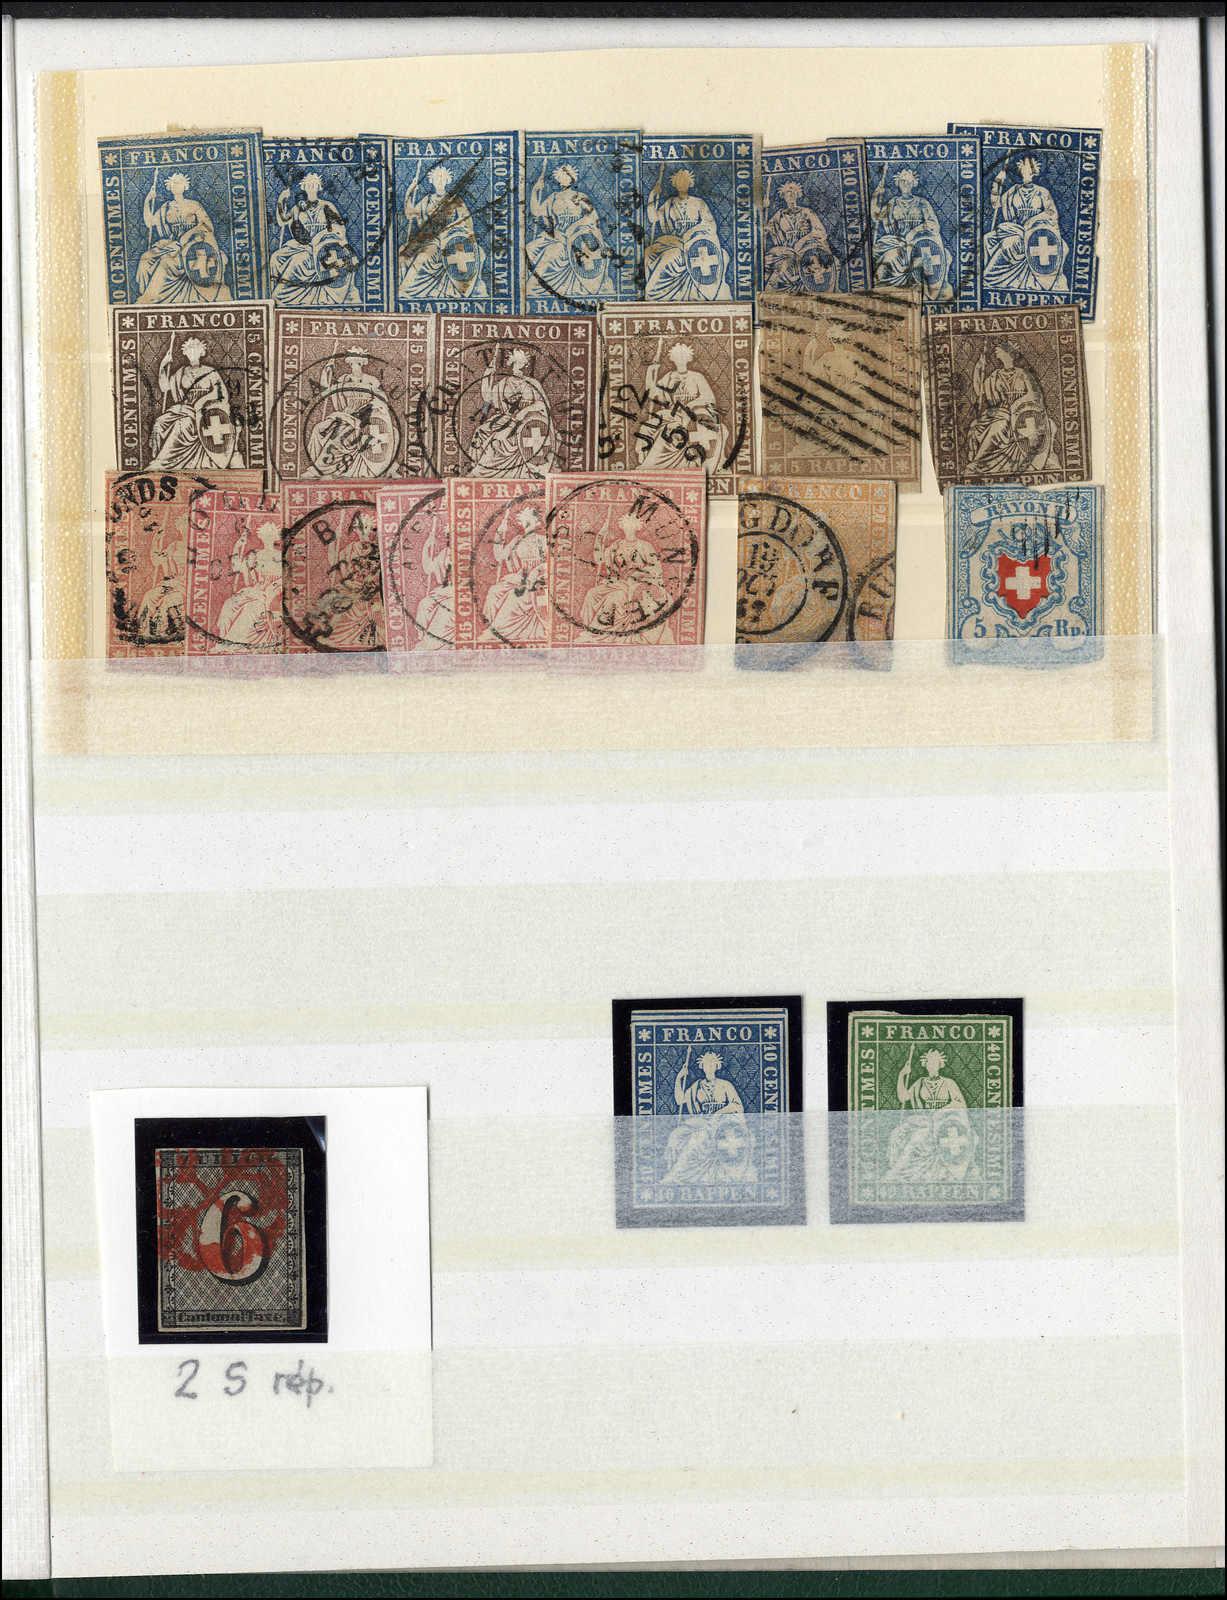 Lot 8 - sammlungen und posten sammlungen und posten altschweiz -  Rolli Auctions Auction #68 Day 1